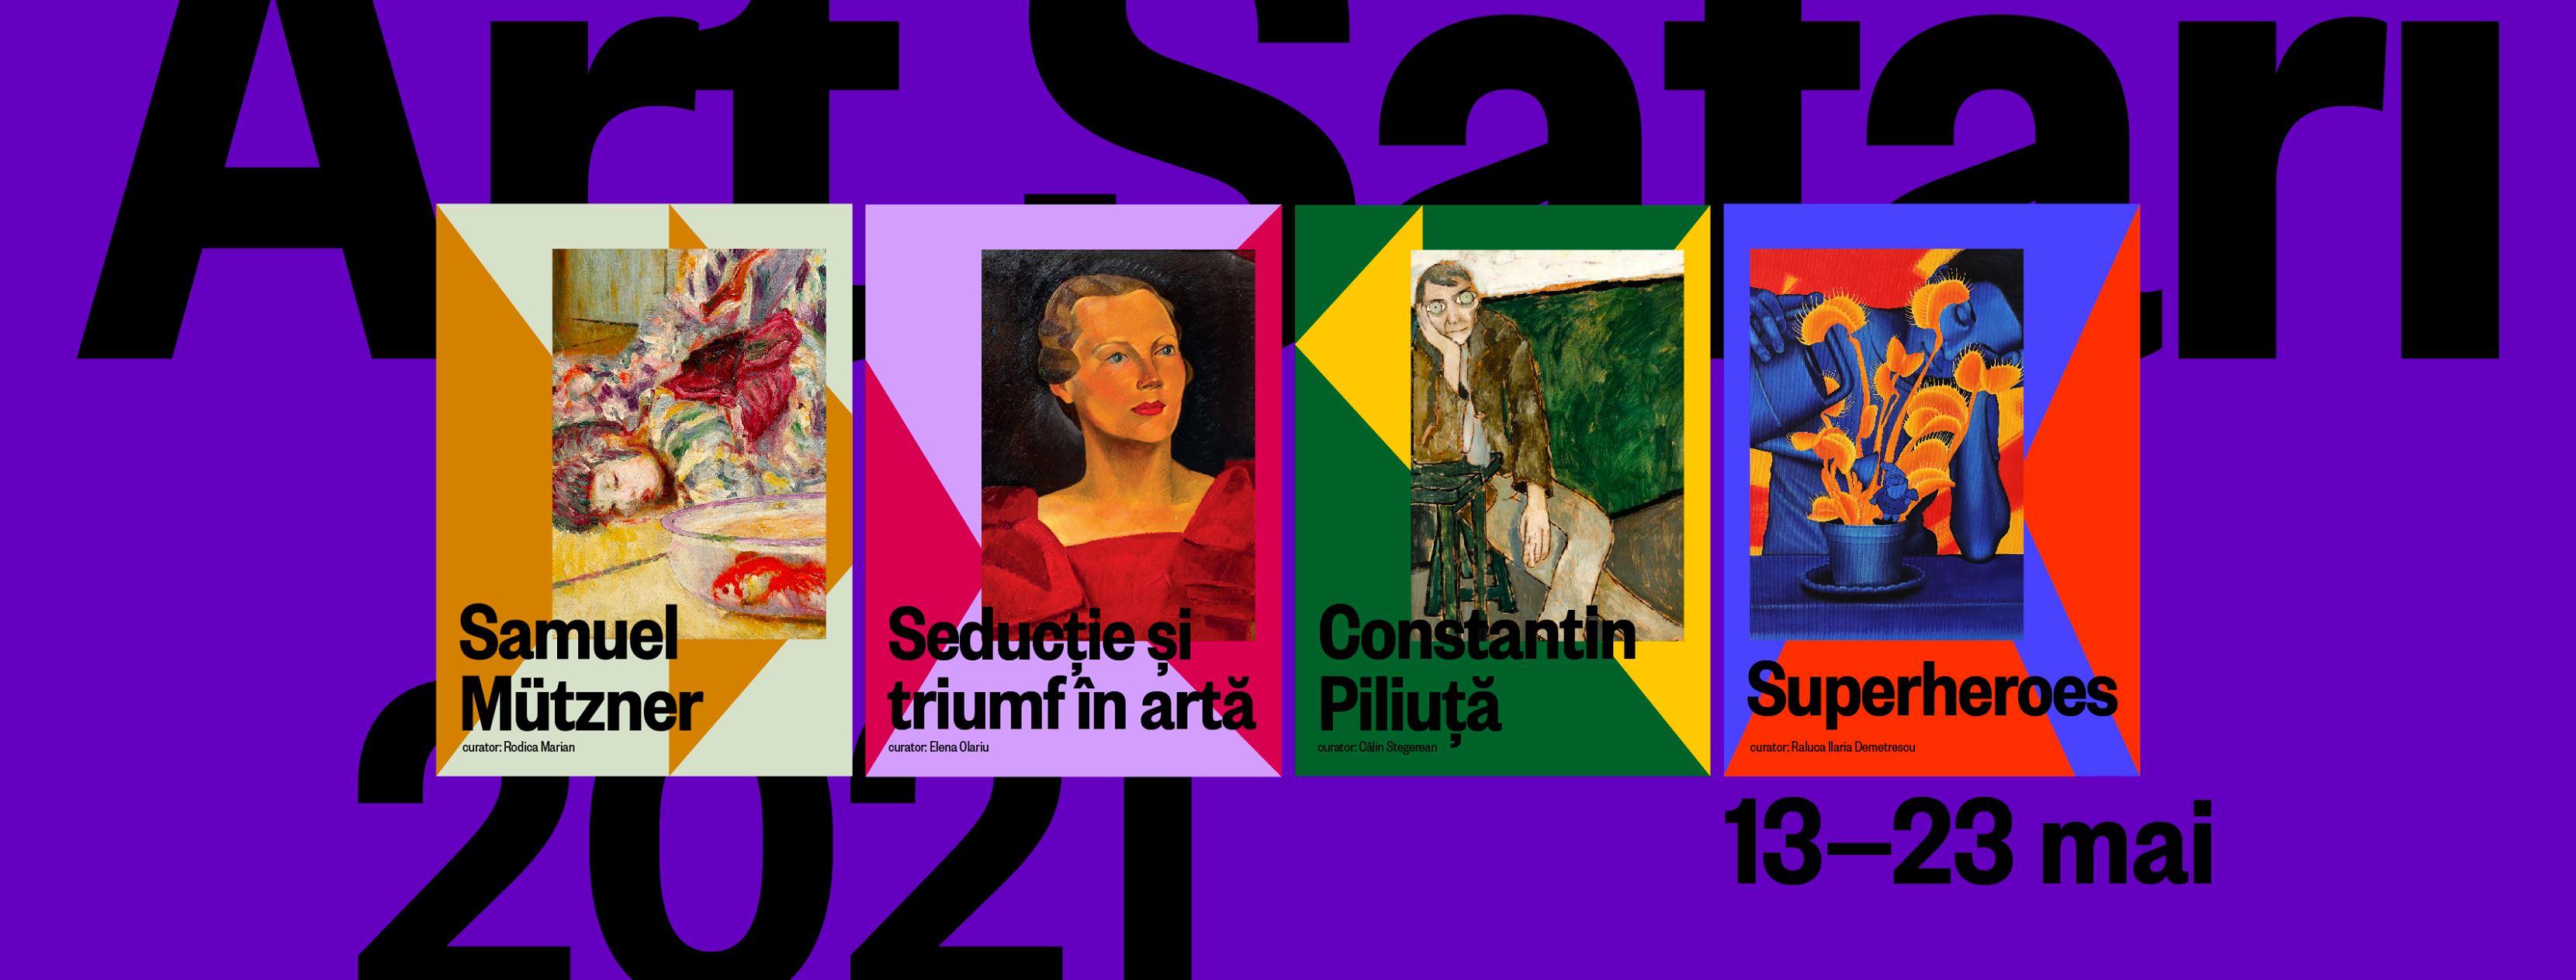 Art Safari va avea loc între 13-23 mai 2021